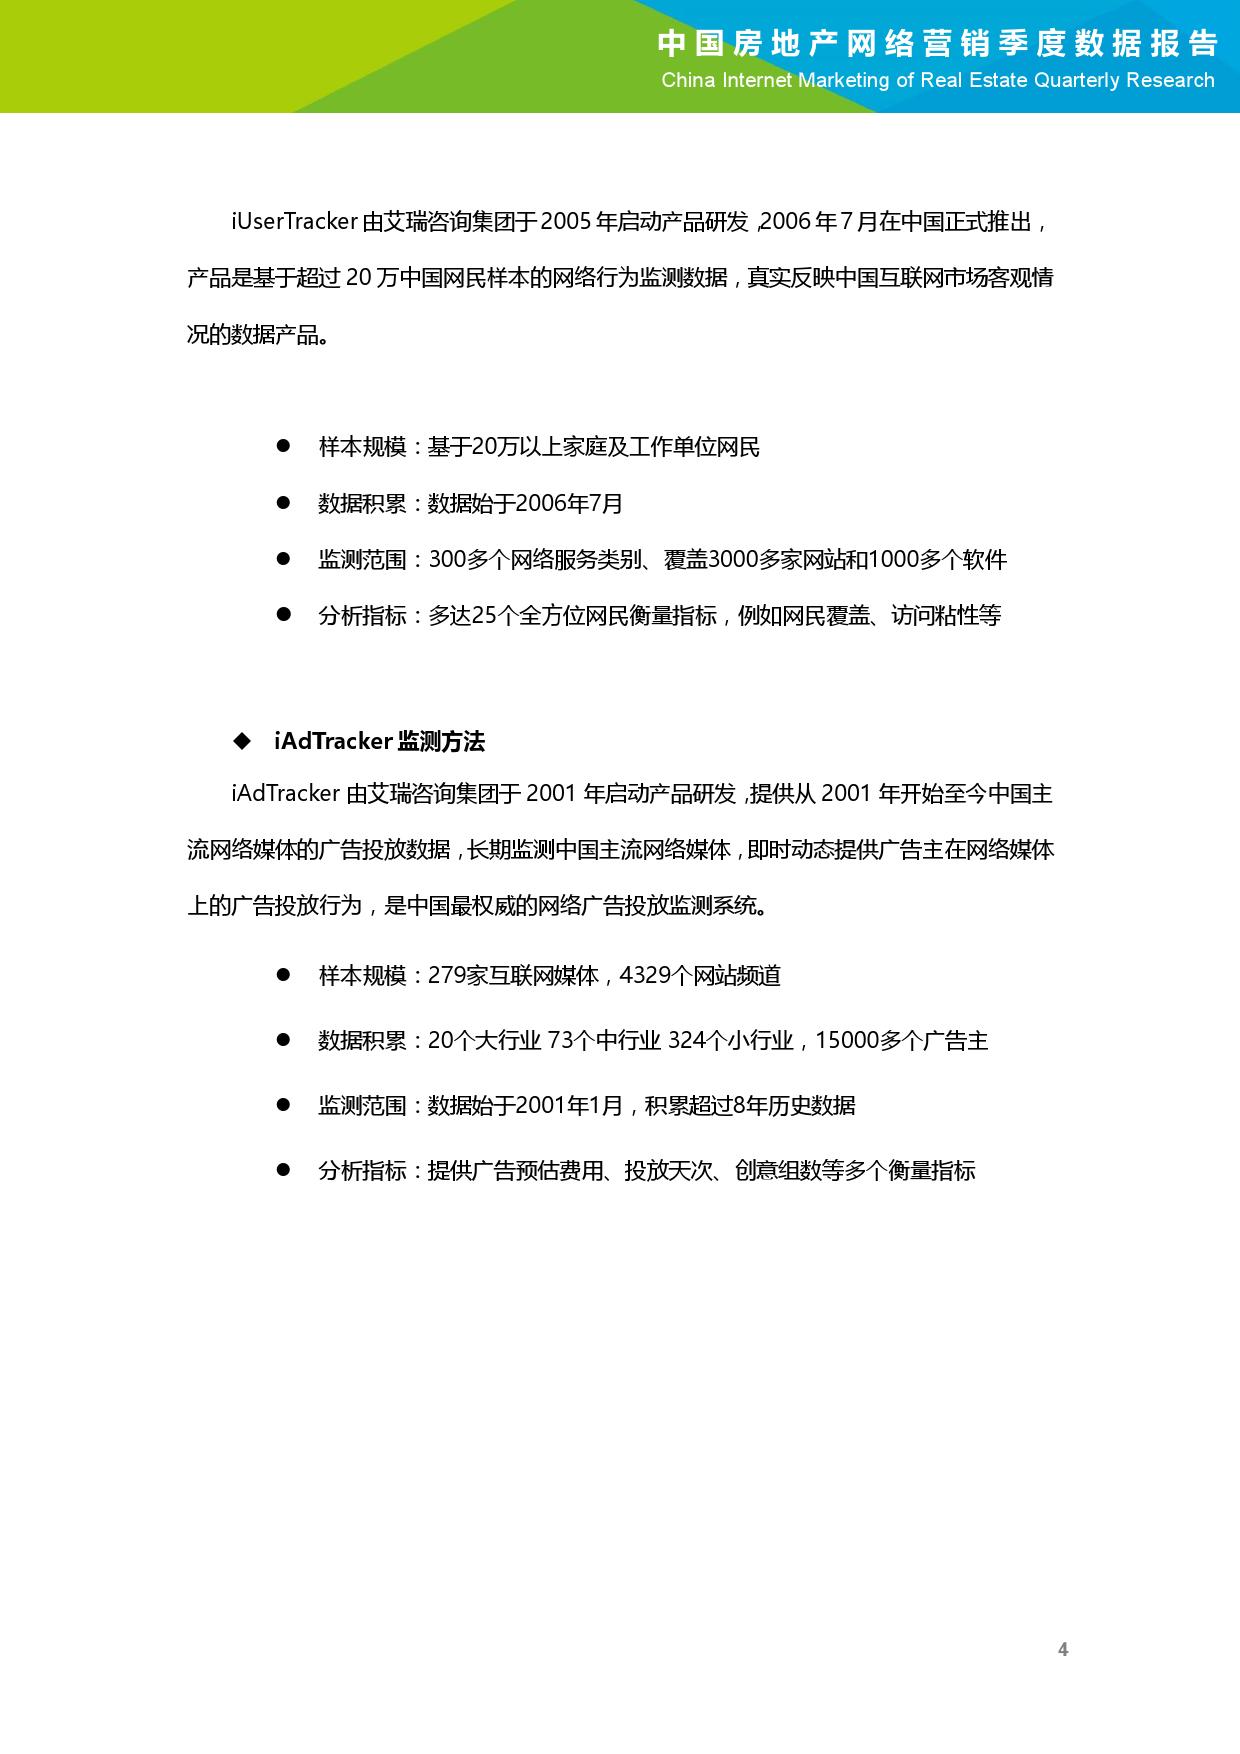 2016年Q1中国房地产网络营销季度数据报告_000005